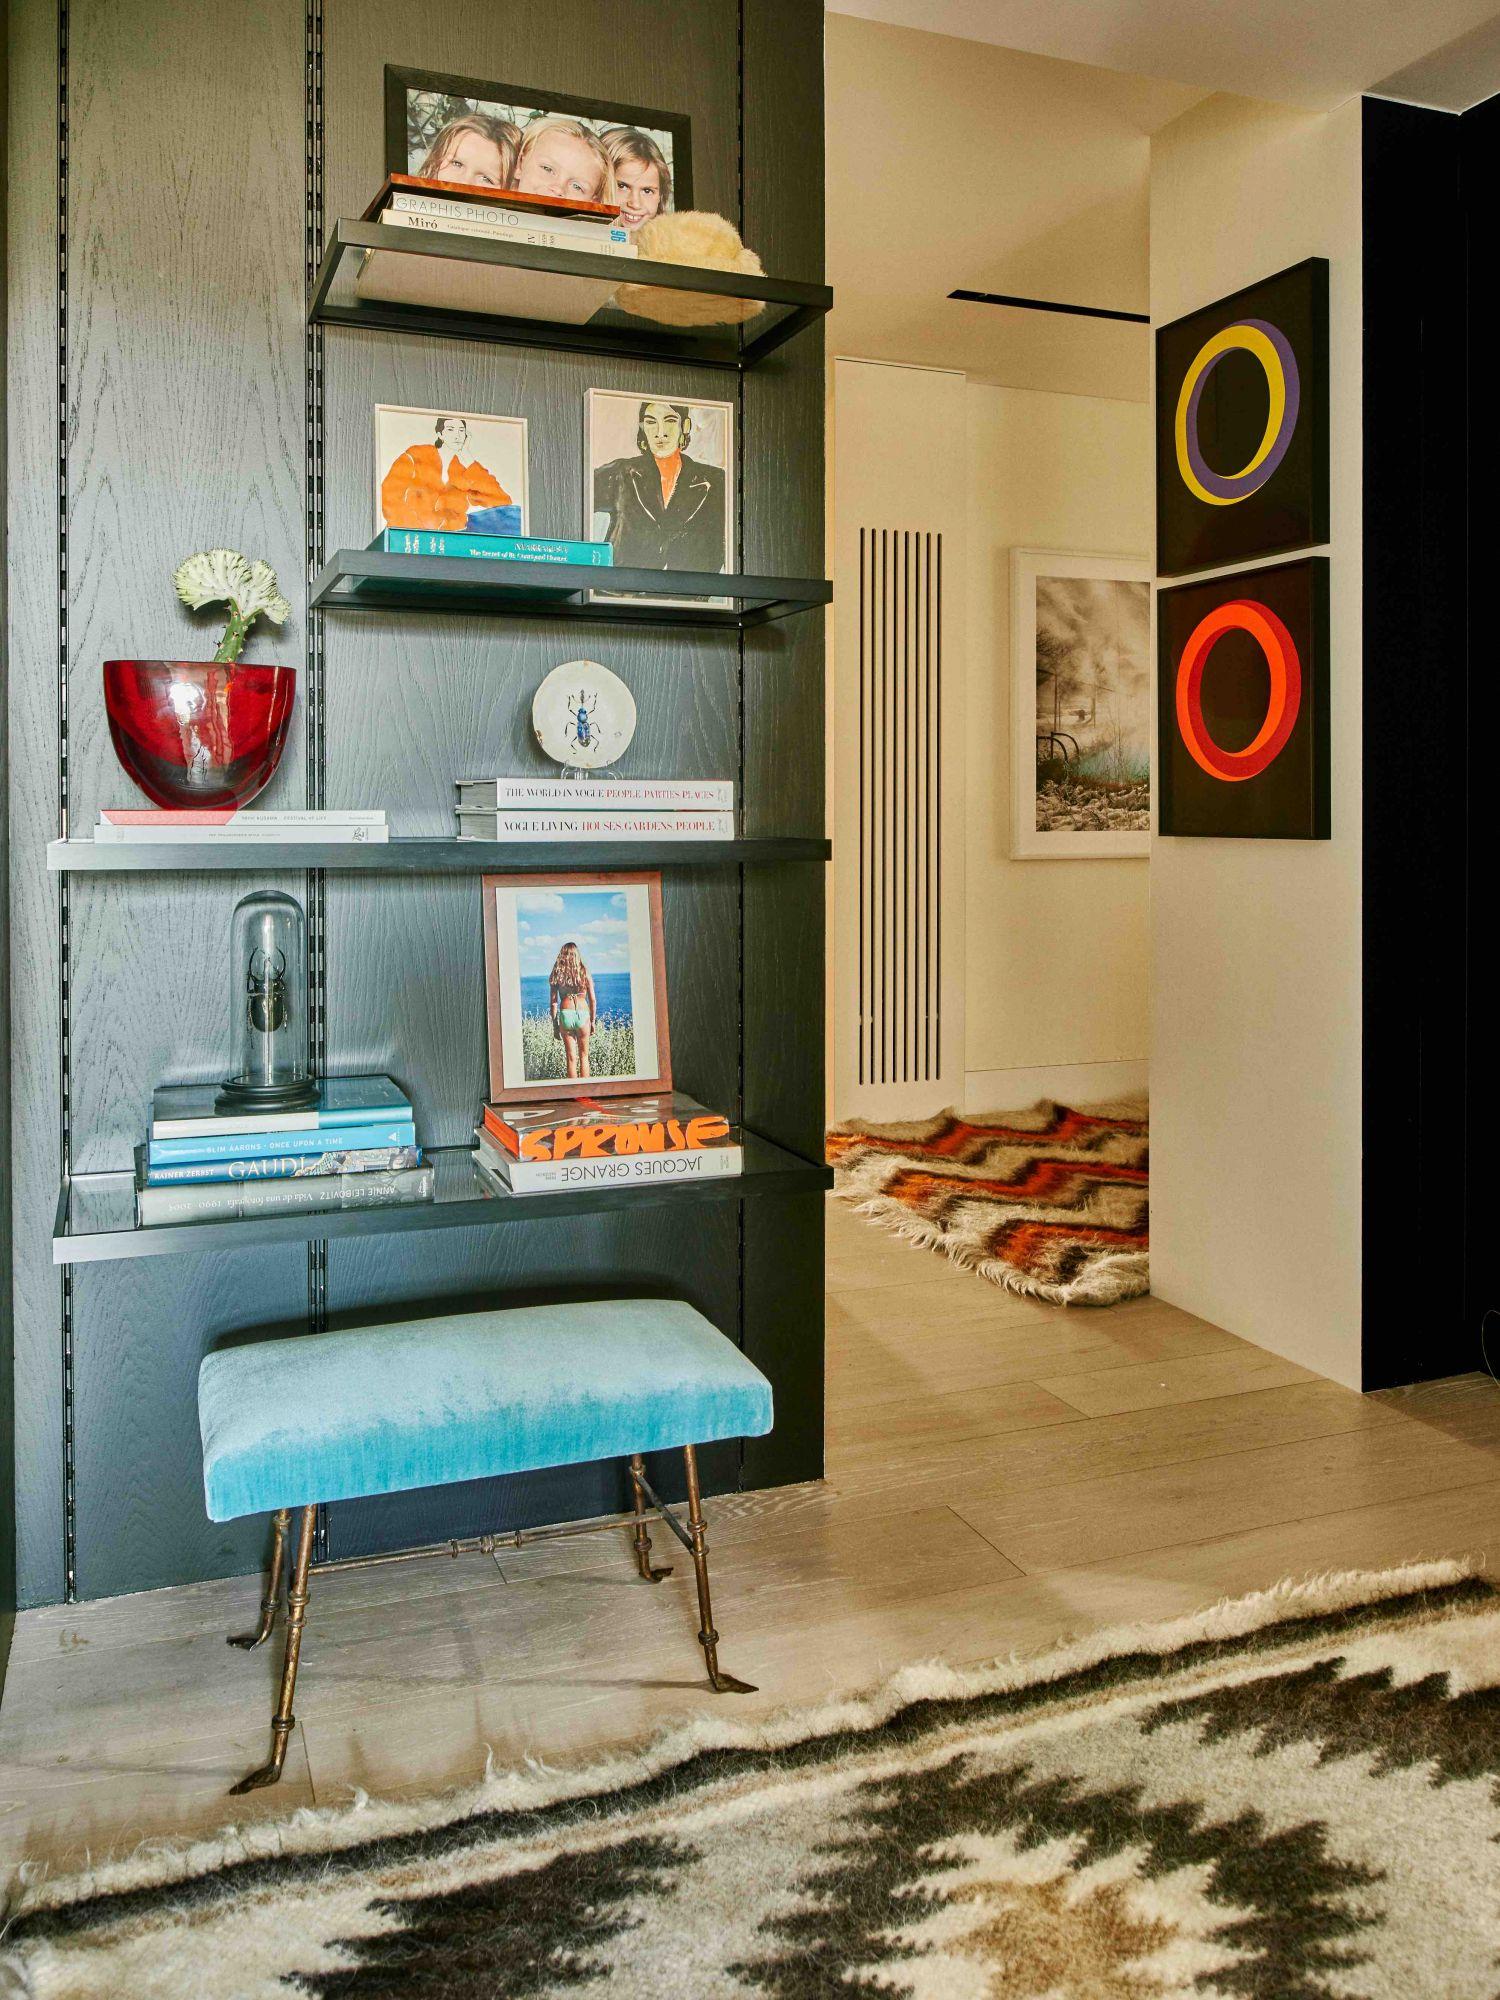 Un banc vintage de 177 Kensington et un souvenir coloré ajoutent des touches de couleur au mur en bois sombre